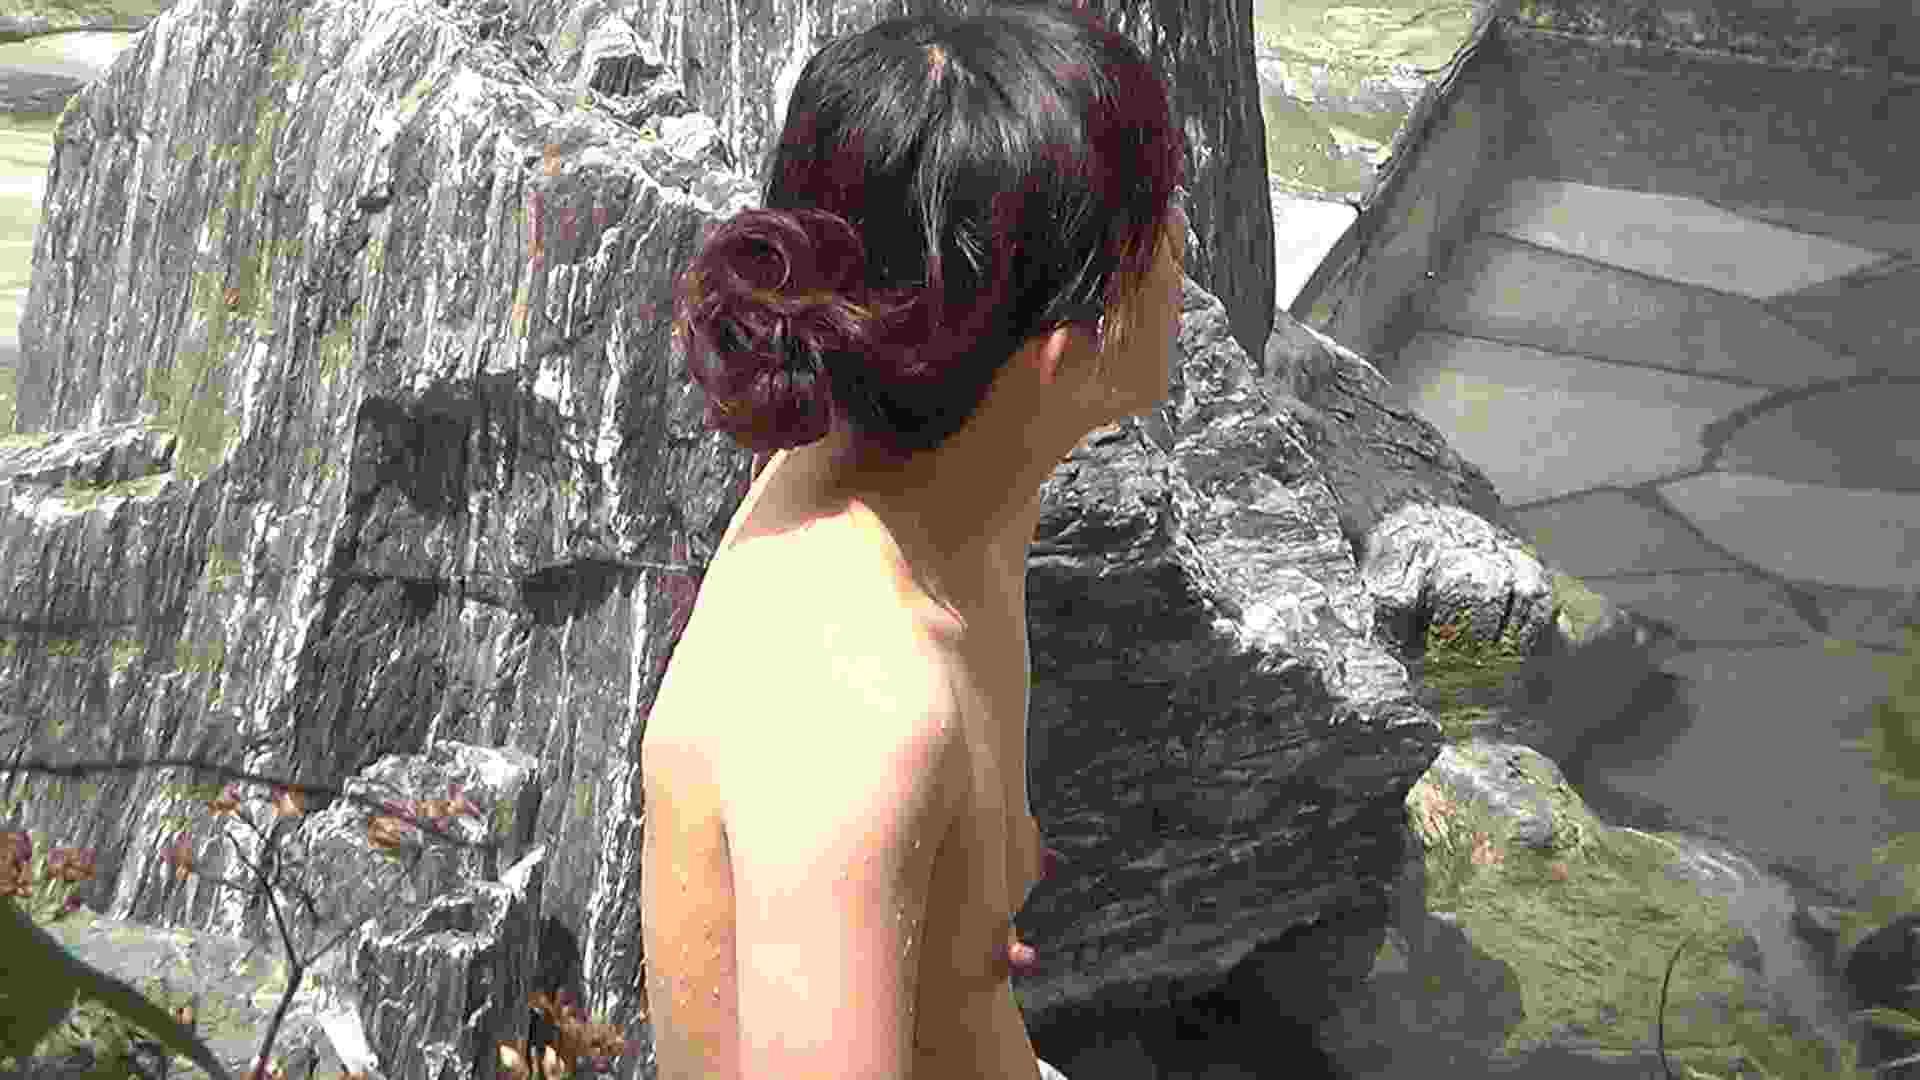 ハイビジョンVol.16 和服が似合いそうな上品さとそそり立つ巨大乳首 エッチすぎる美女 濡れ場動画紹介 97連発 70